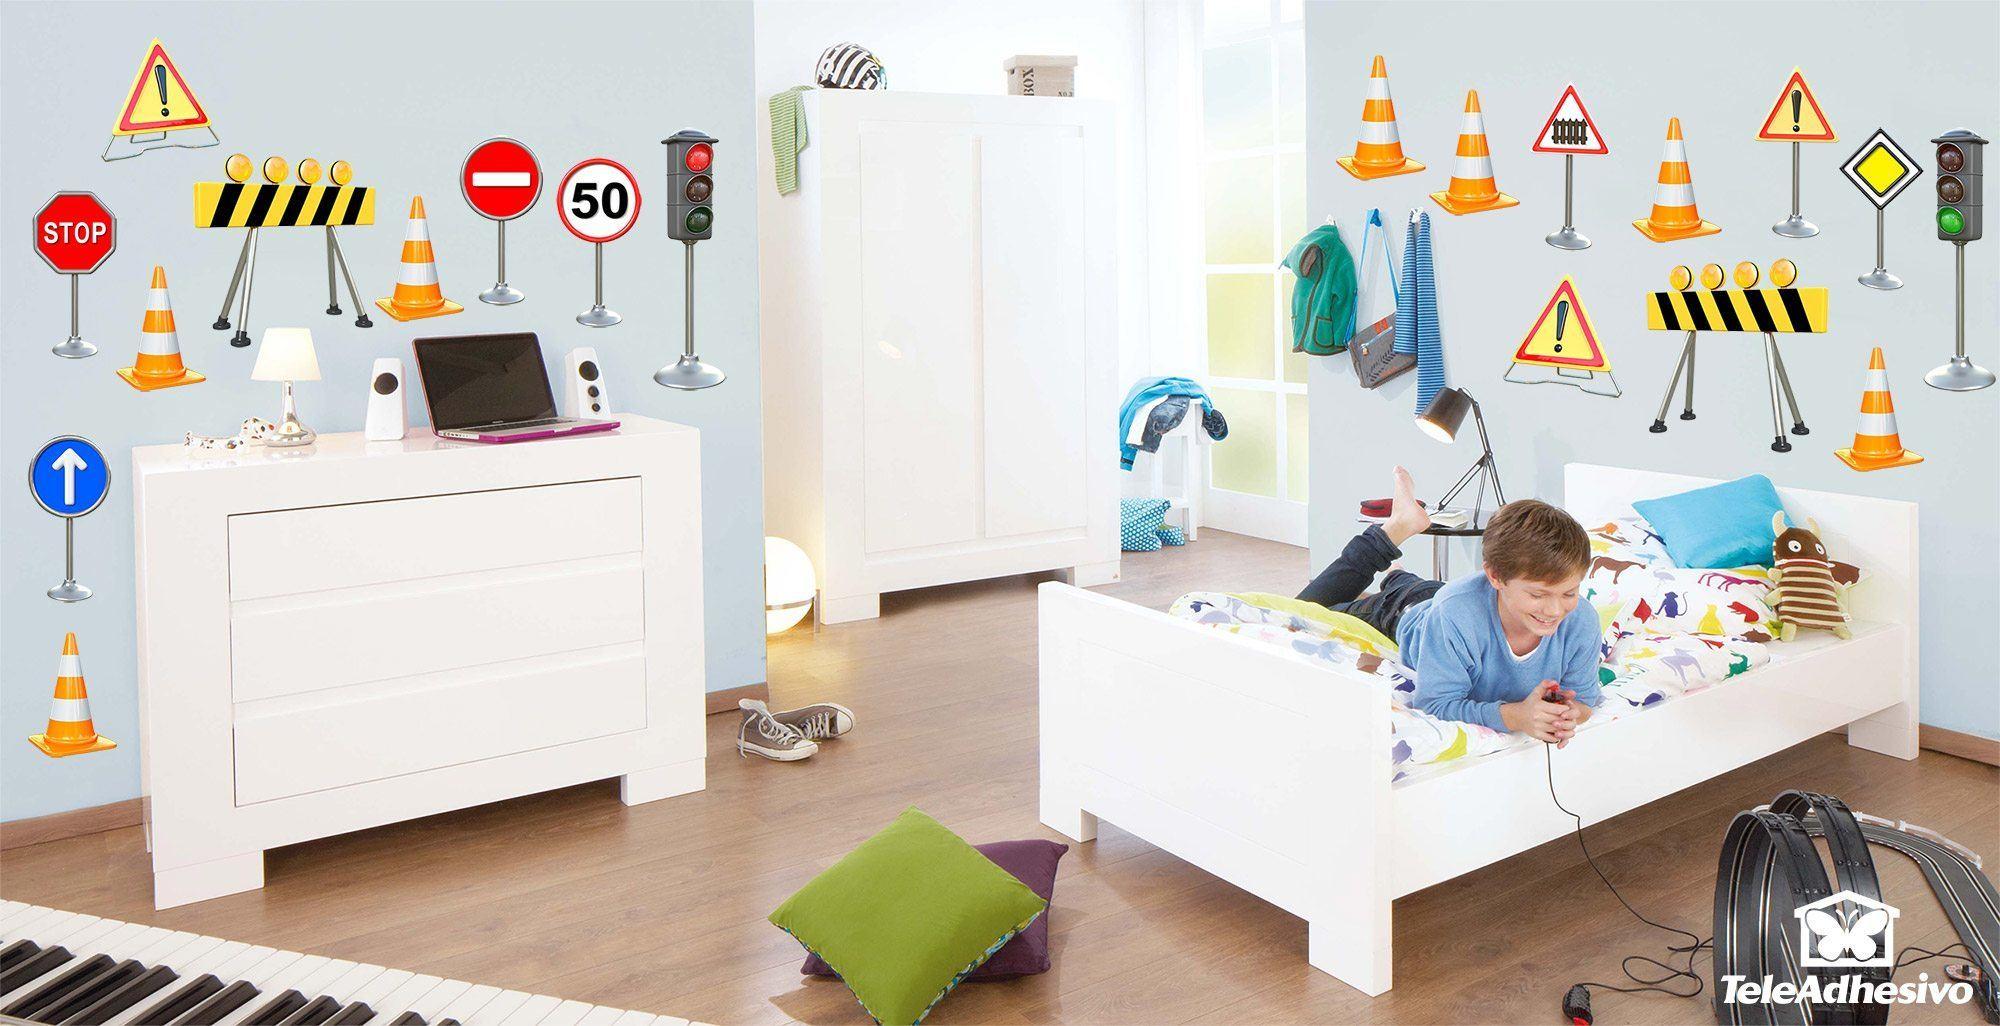 Kinderzimmer Wandtattoo: Verkehrszeichen Kit